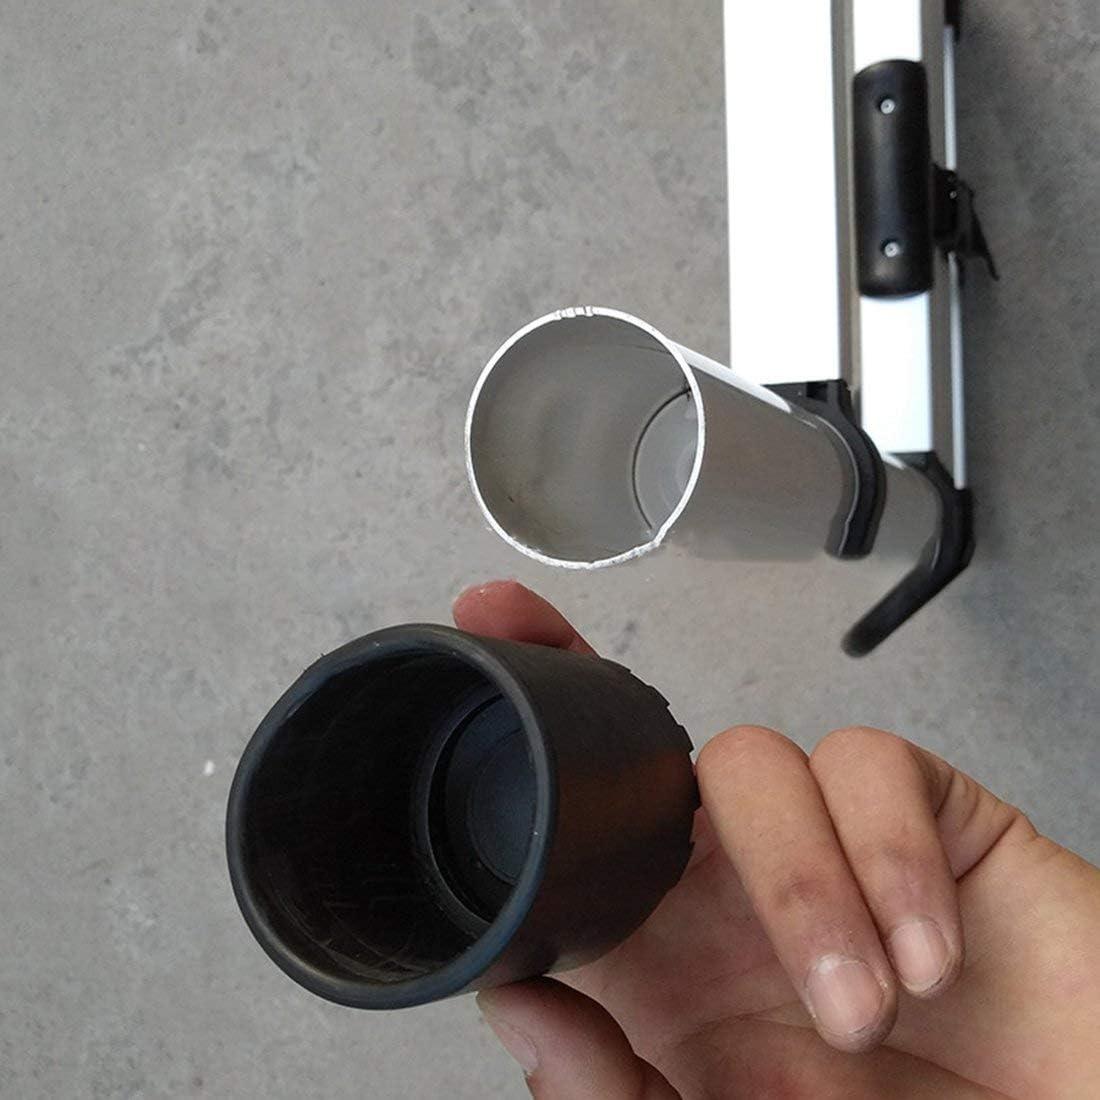 vbncvbfghfgh /Échelle ronde couvre-pied Exquis Durable Multi-fonction pliante /Échelle couvre-pied en forme d/éventail tapis antid/érapant